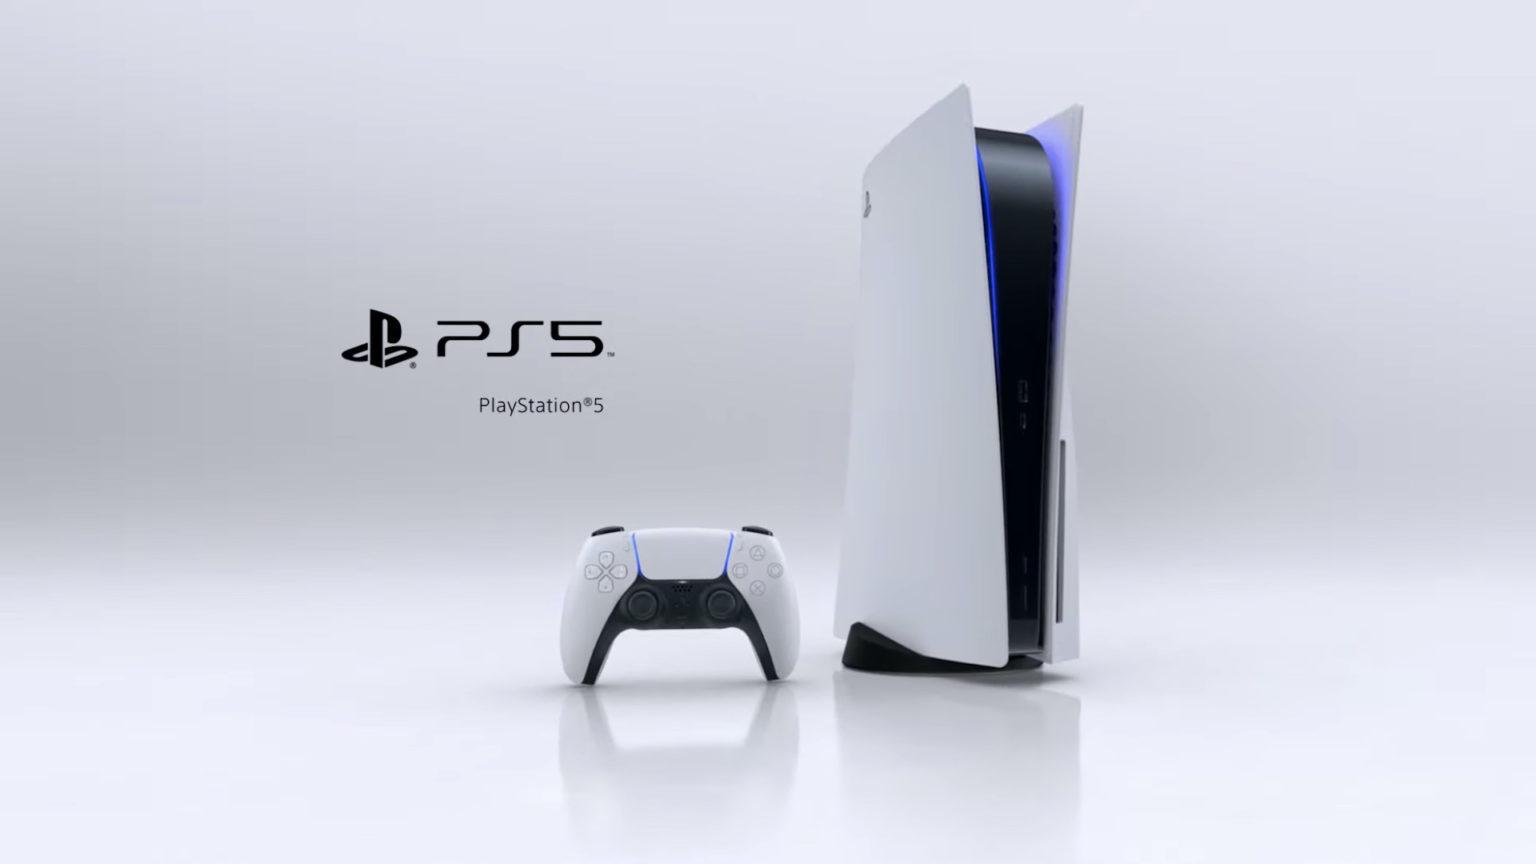 索尼内部工作室专注3A 小规模游戏交给独立开发商